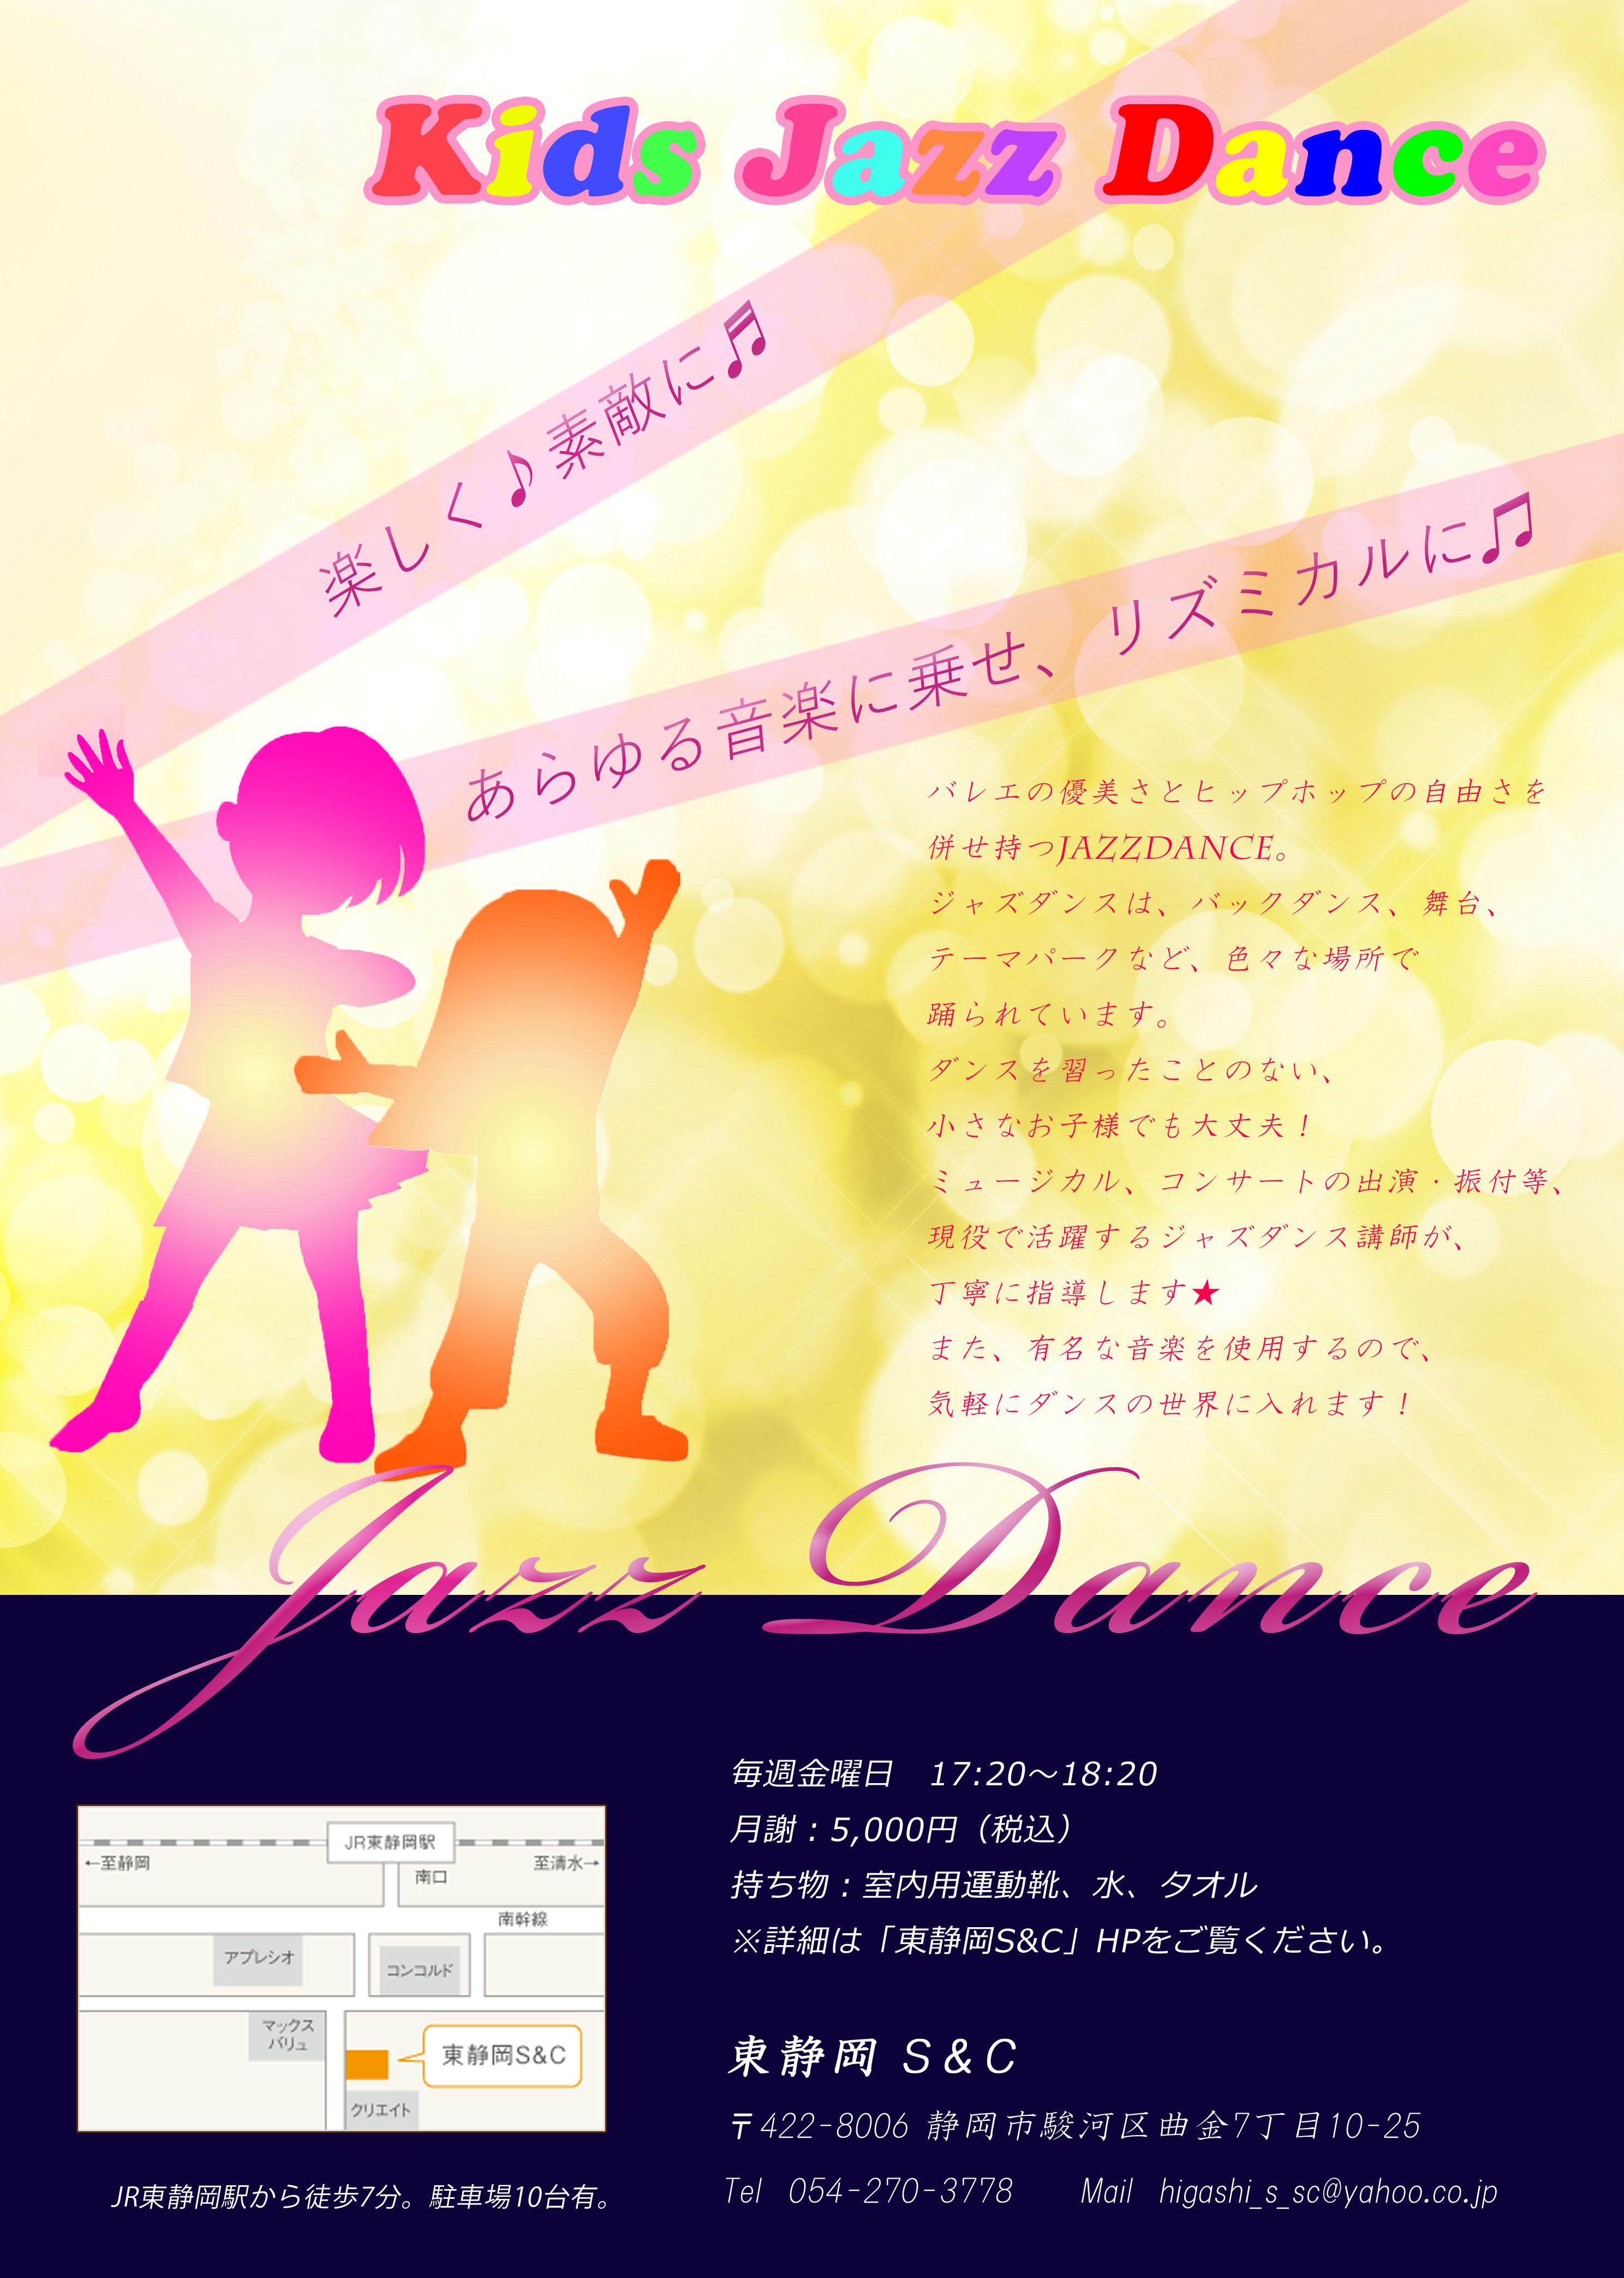 jazzK.jpg